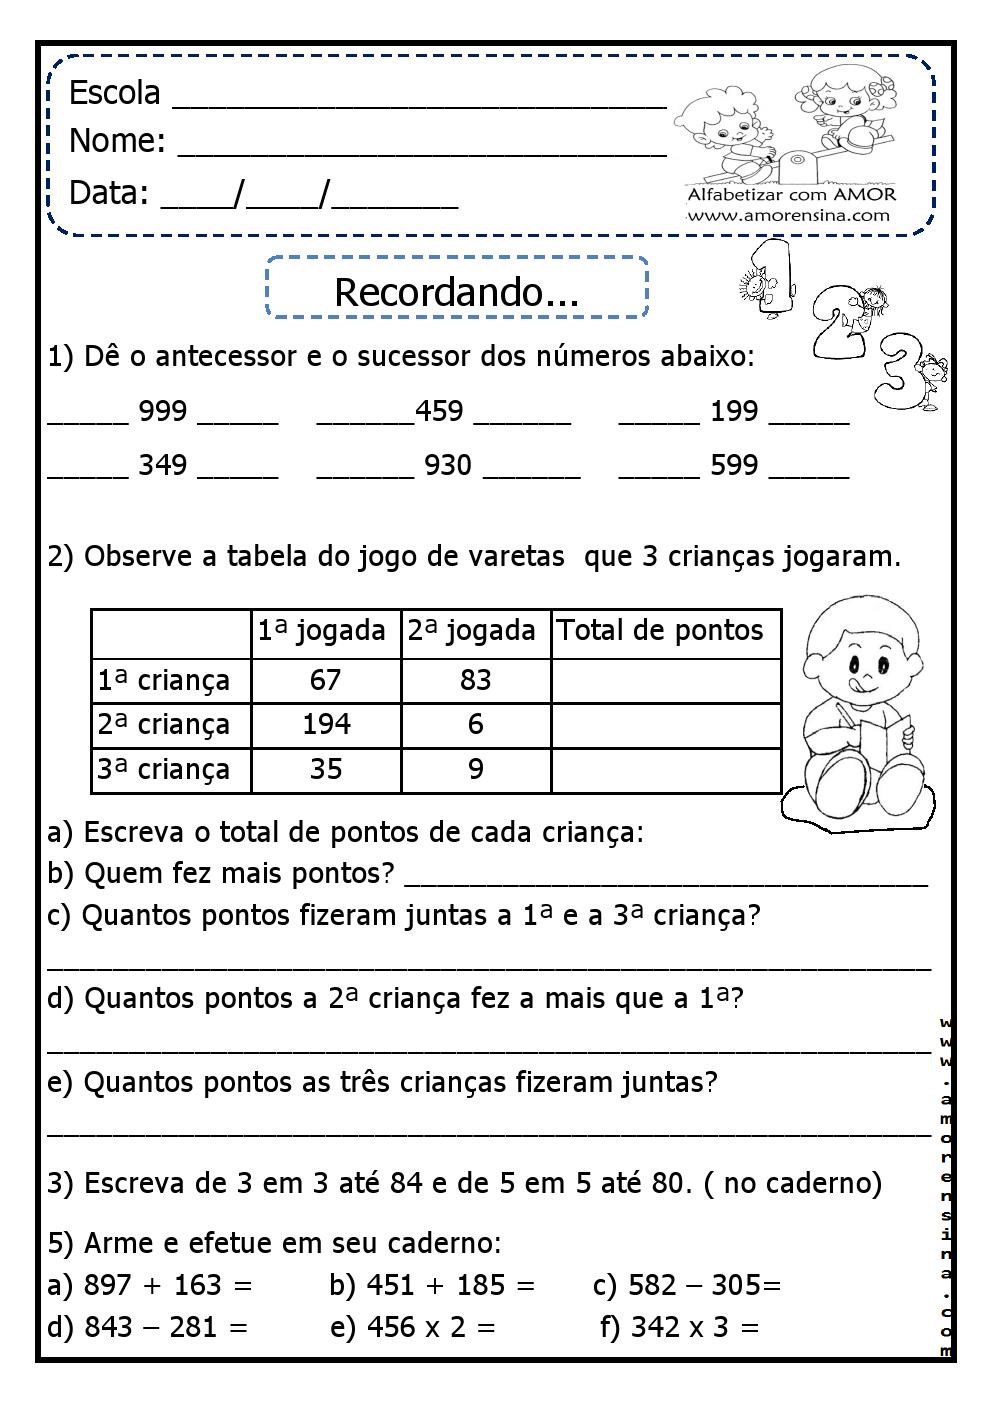 Super ATIVIDADES DE MATEMÁTICA PARA O 3º ANO ~ Alfabetizar com AMOR AD74